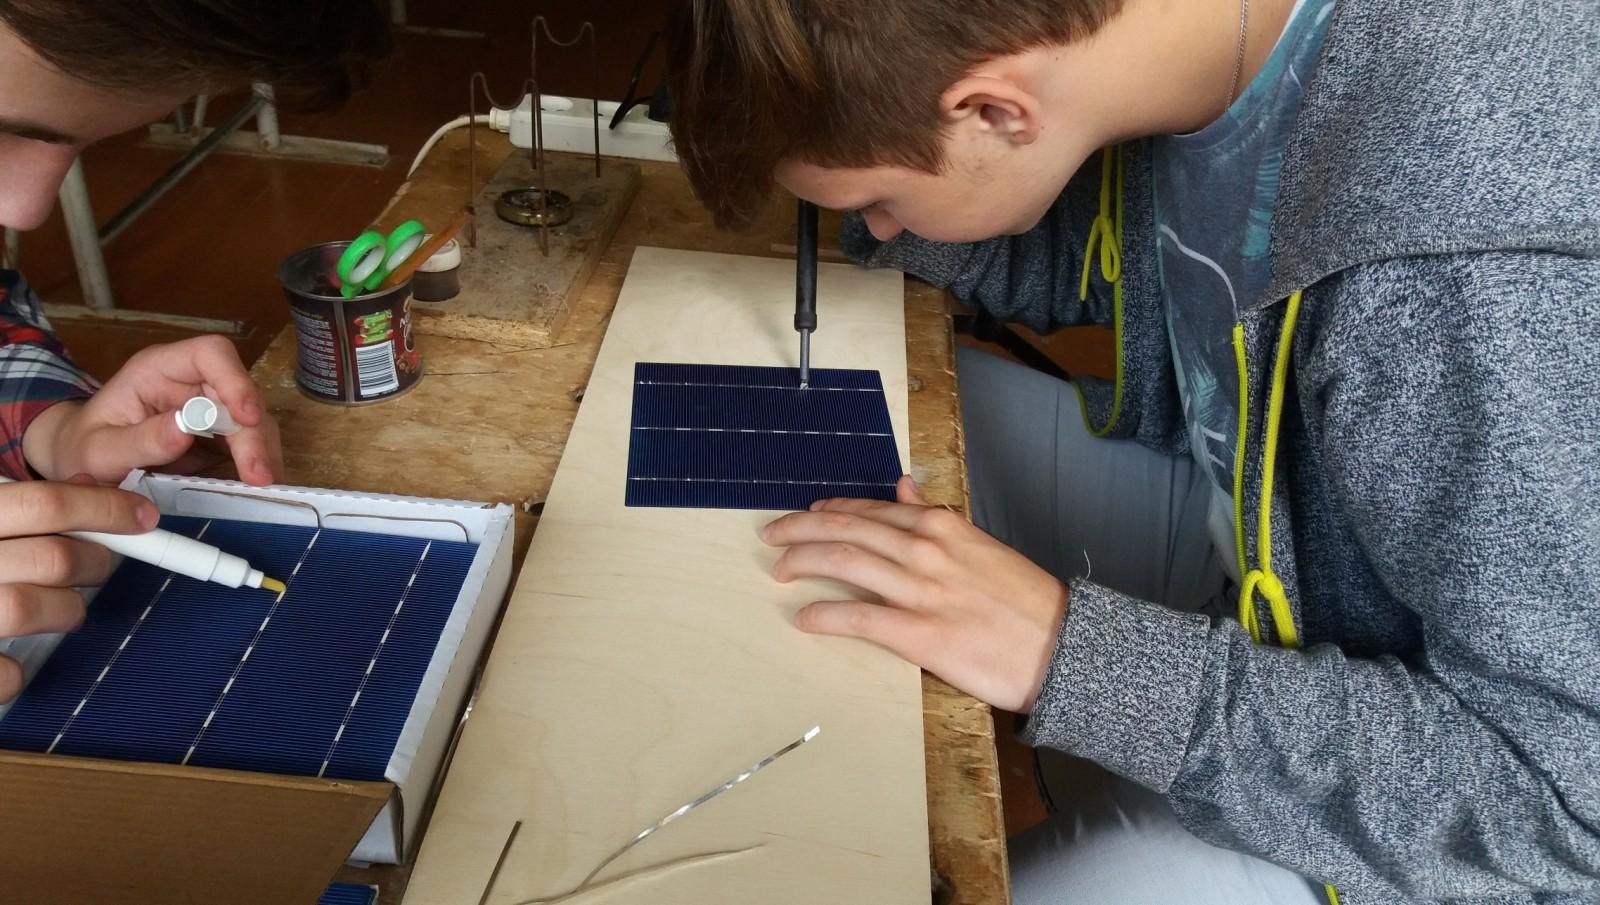 ВНовосибирске школьник изобрел гальваническую электростанцию